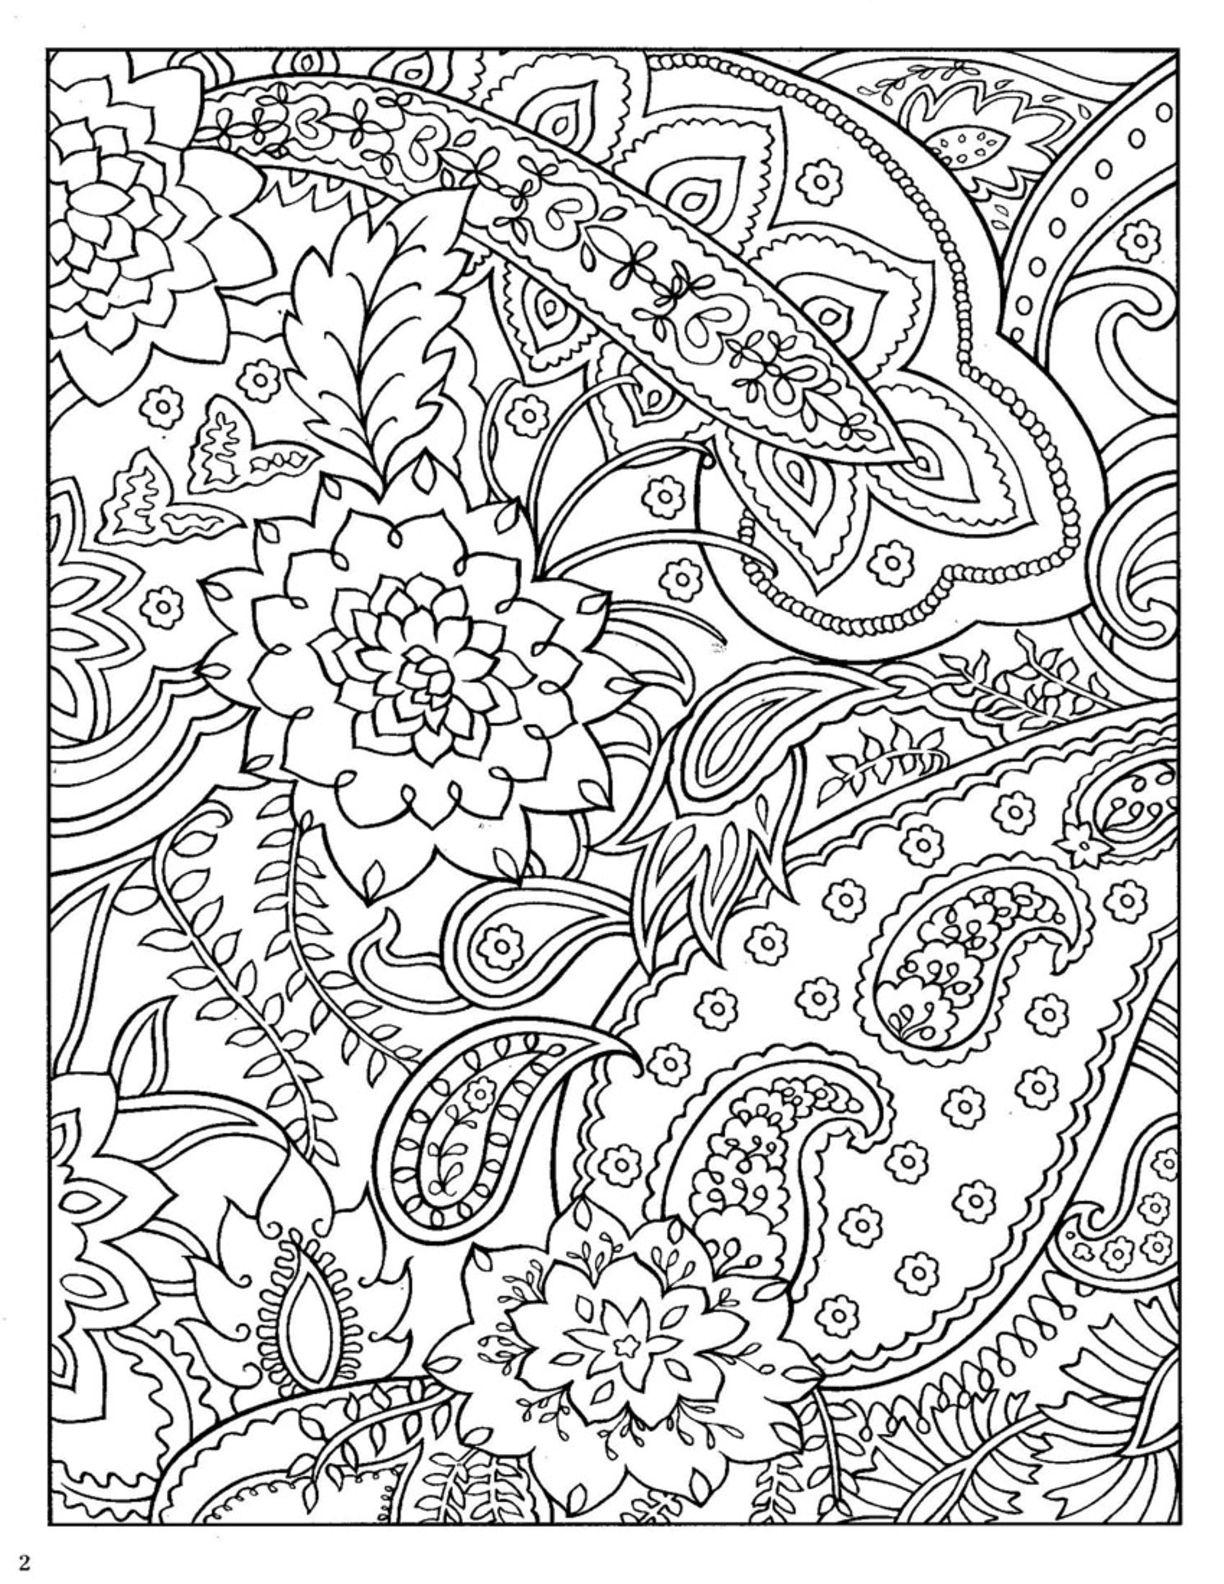 Dover Paisley Designs Coloring Book From Mariska Den Boer